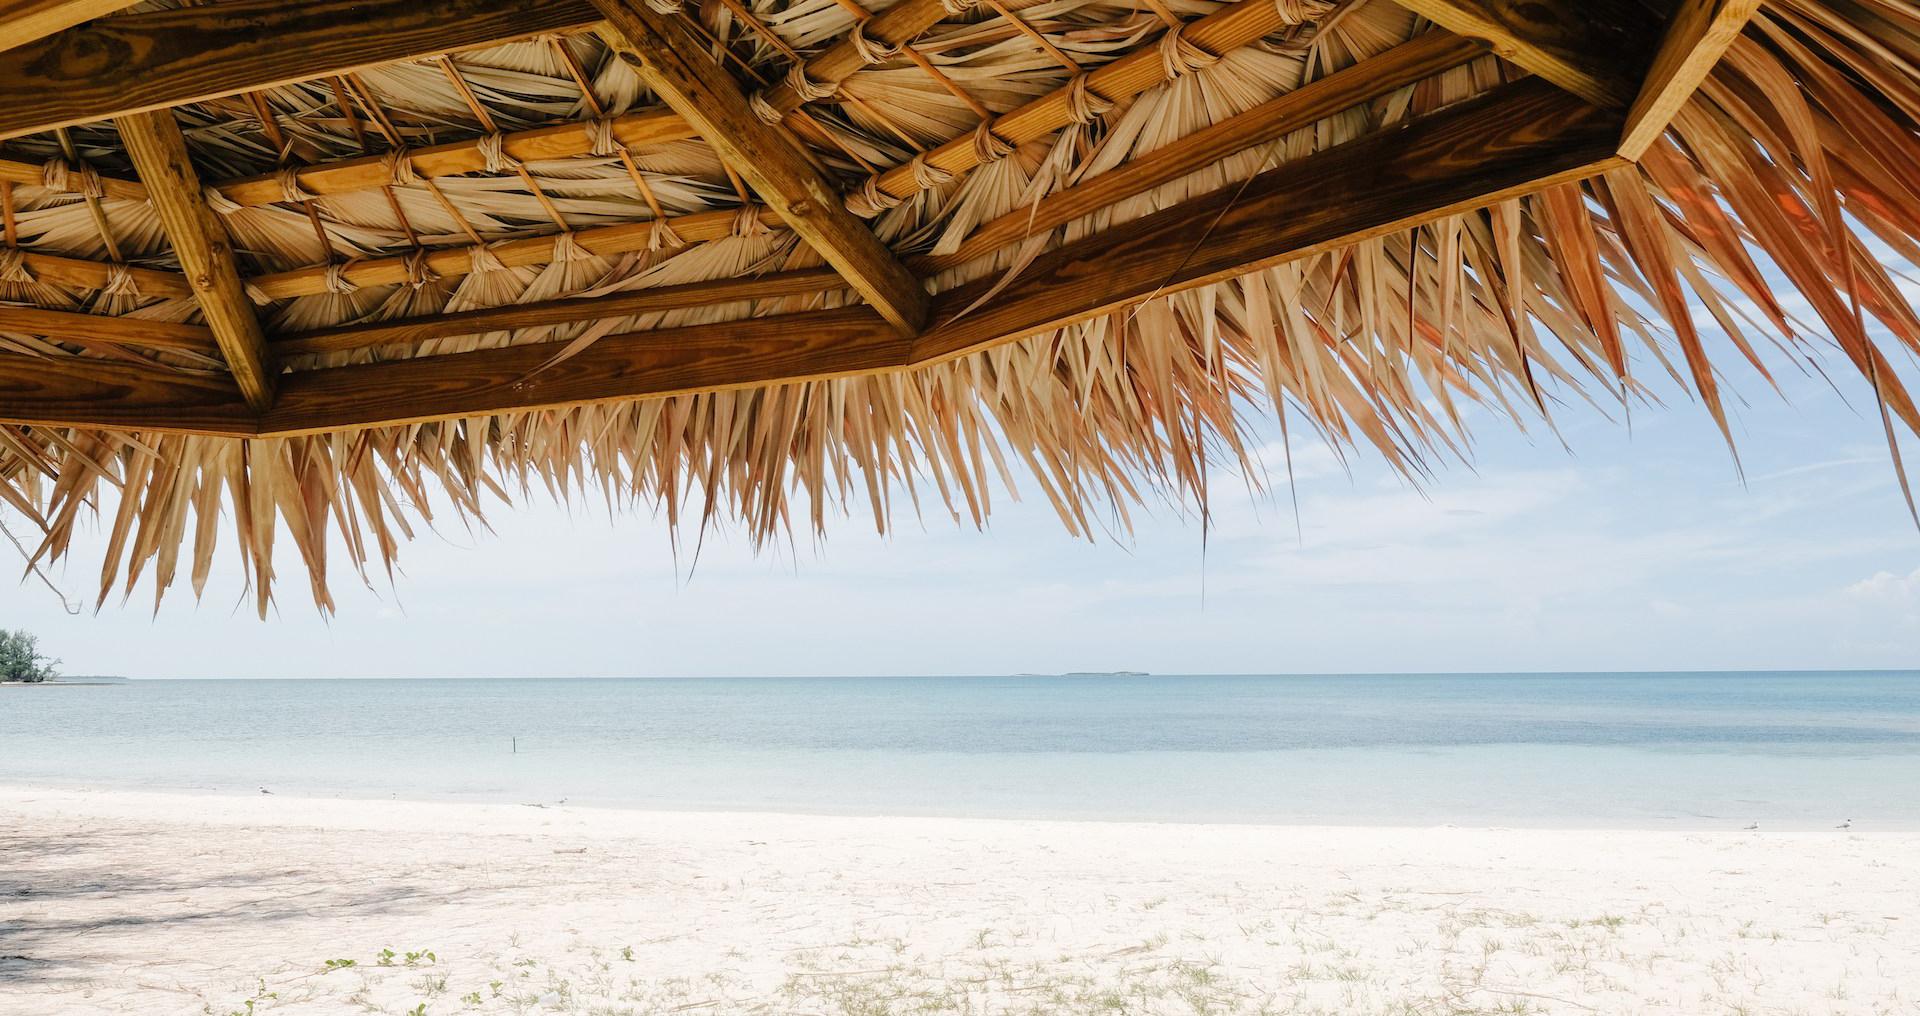 Bahamas landscape photo